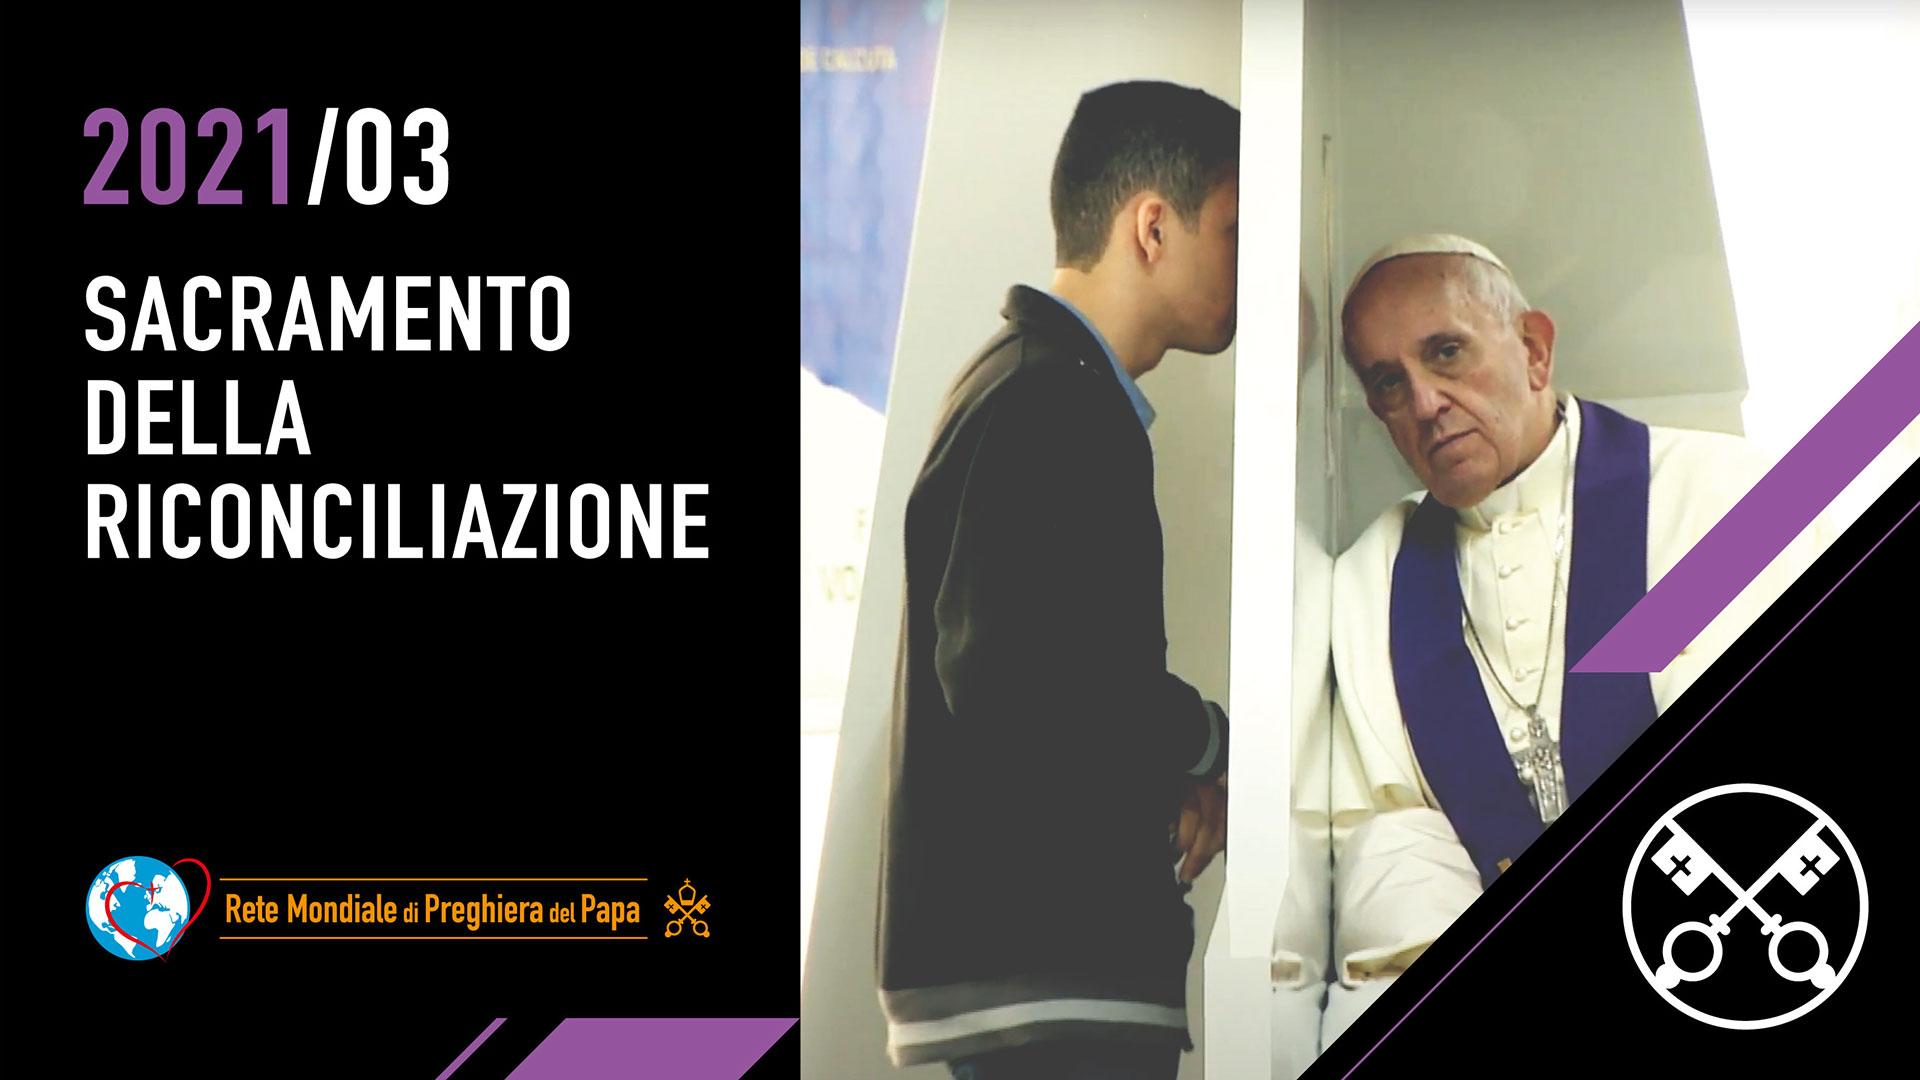 Sacramento della riconciliazione – Il Video del Papa